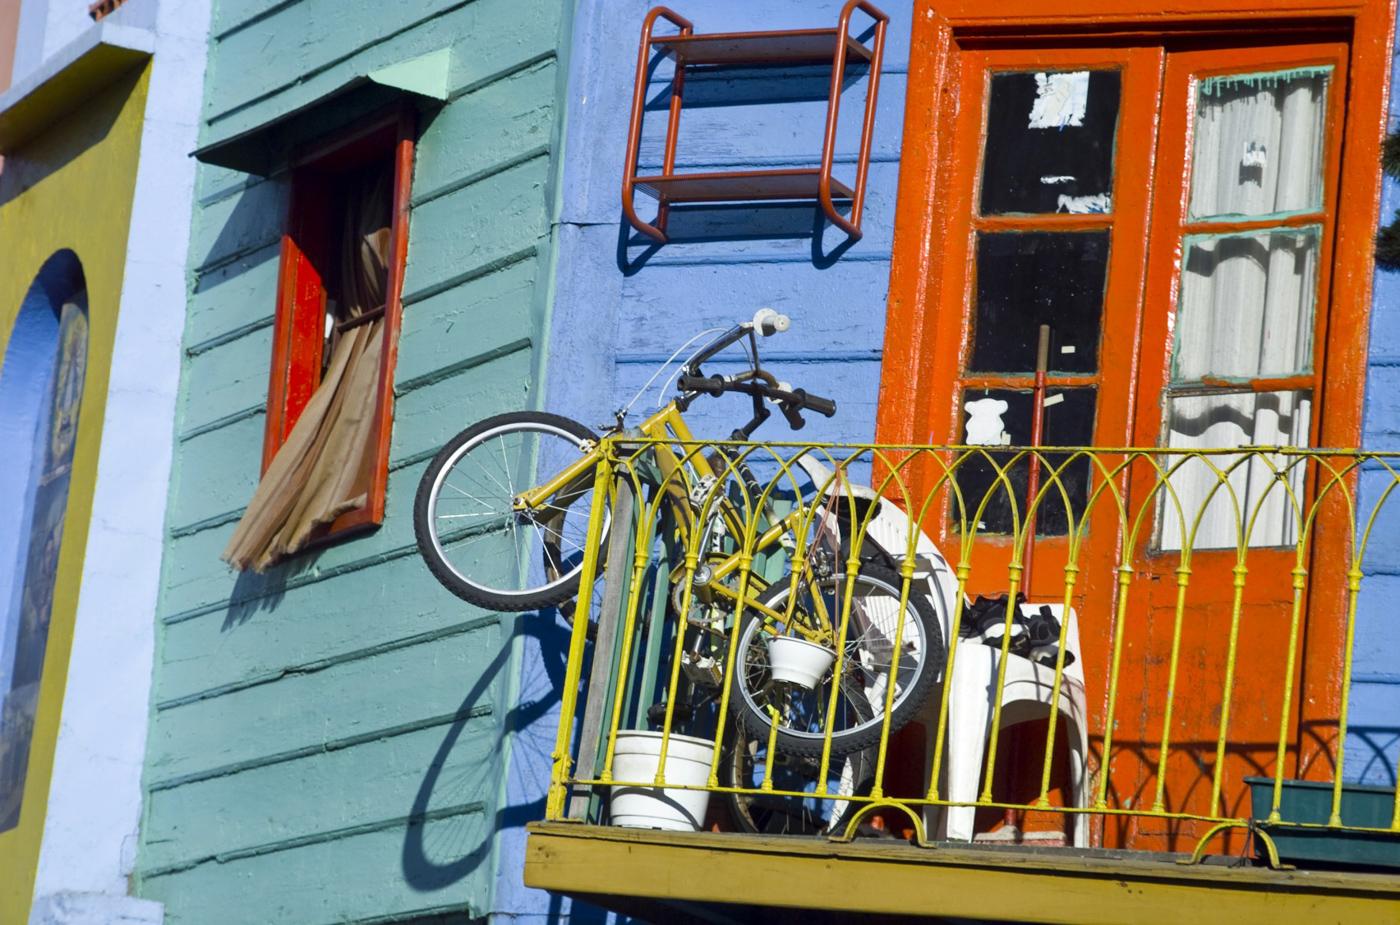 arg09-bike-tour-bue-free-istock-000004001221